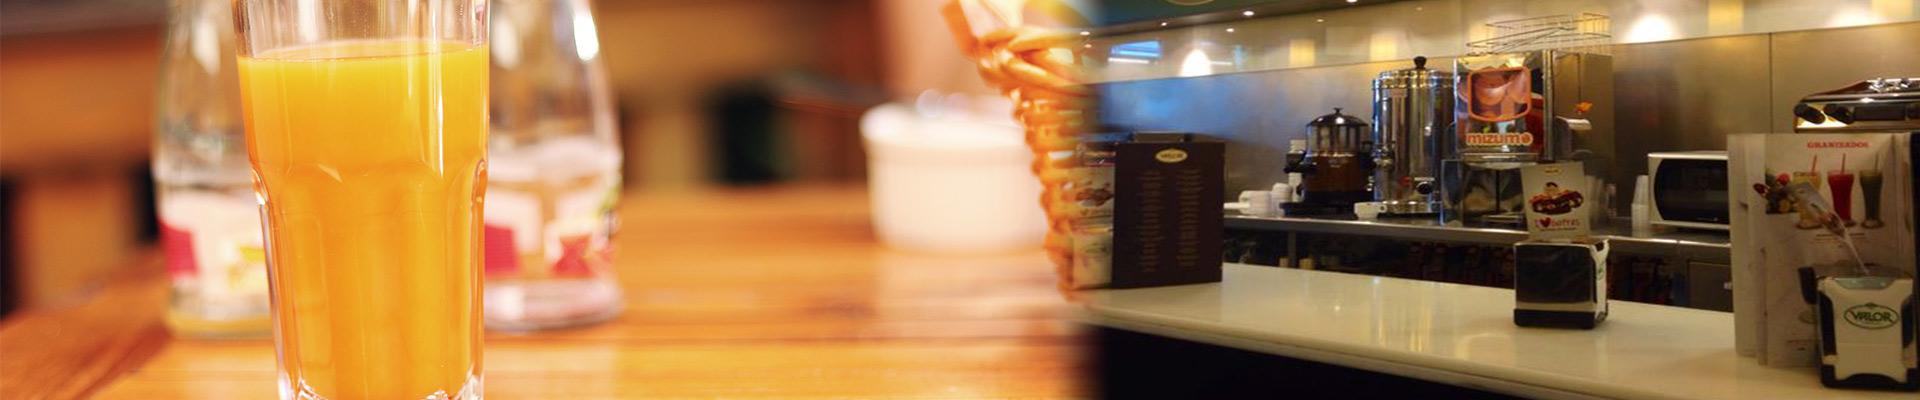 Alquiler y venta de exprimidores para hosteleria